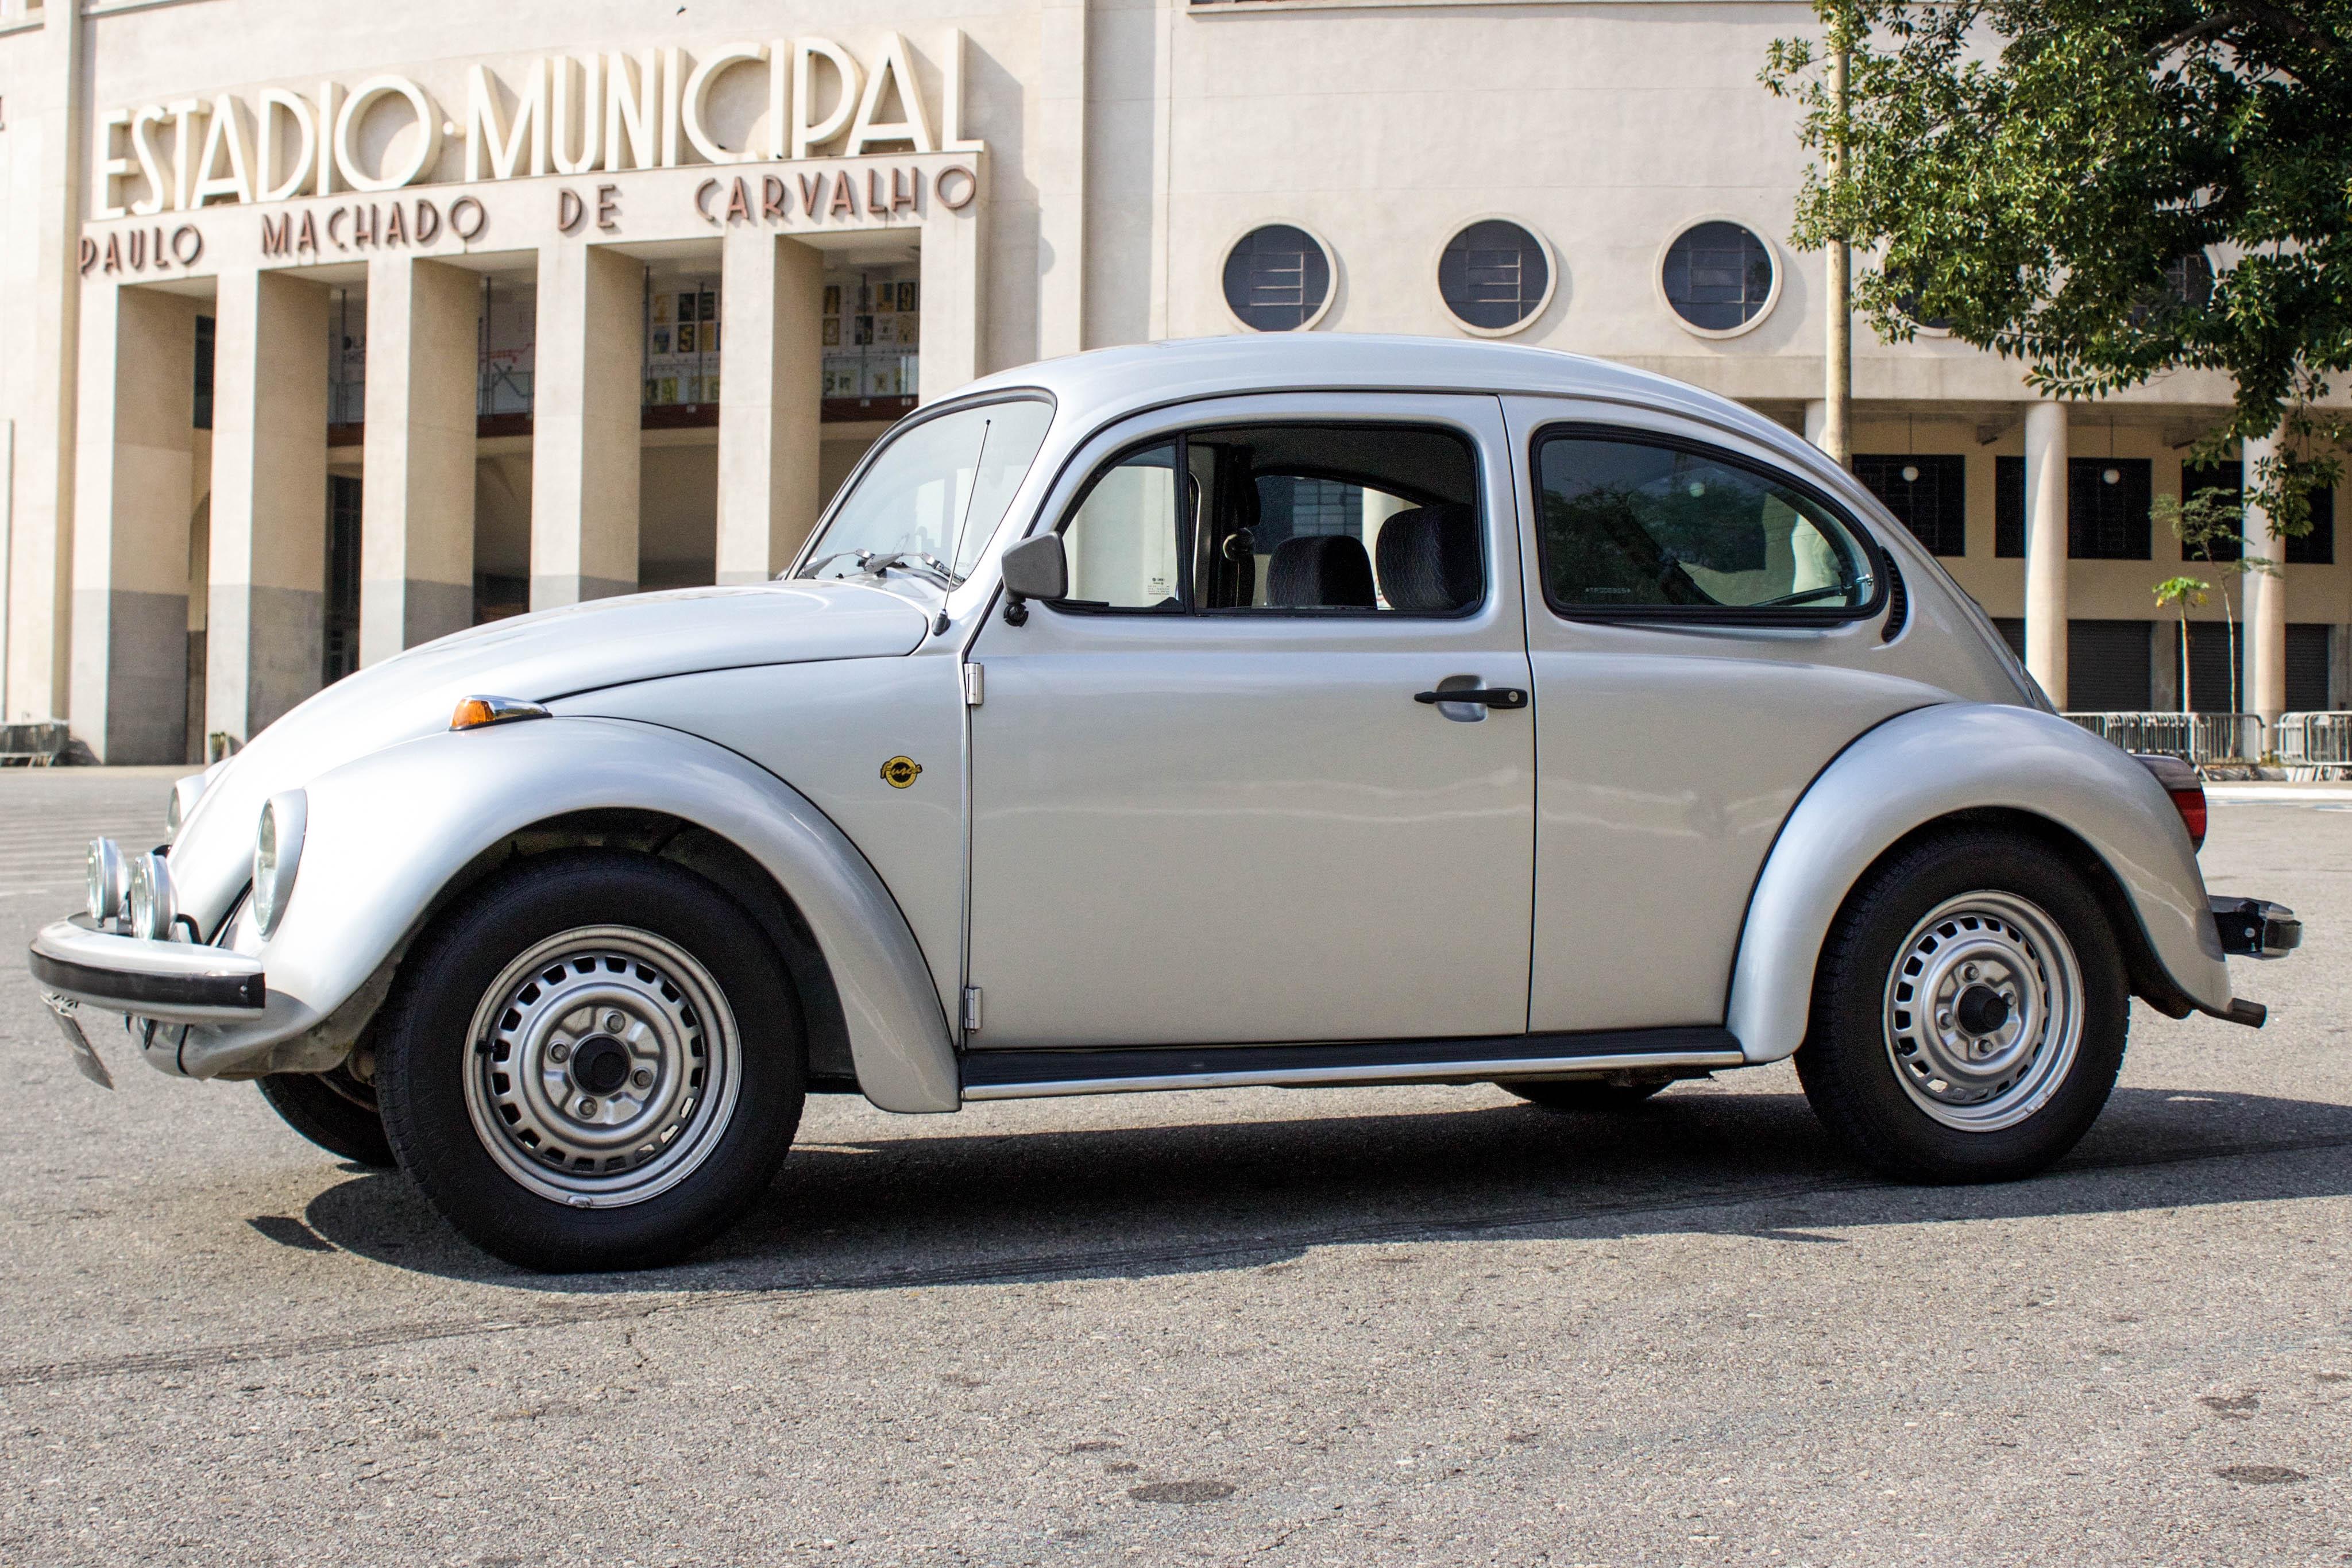 1996 VW Fusca Itamar serie Ouro